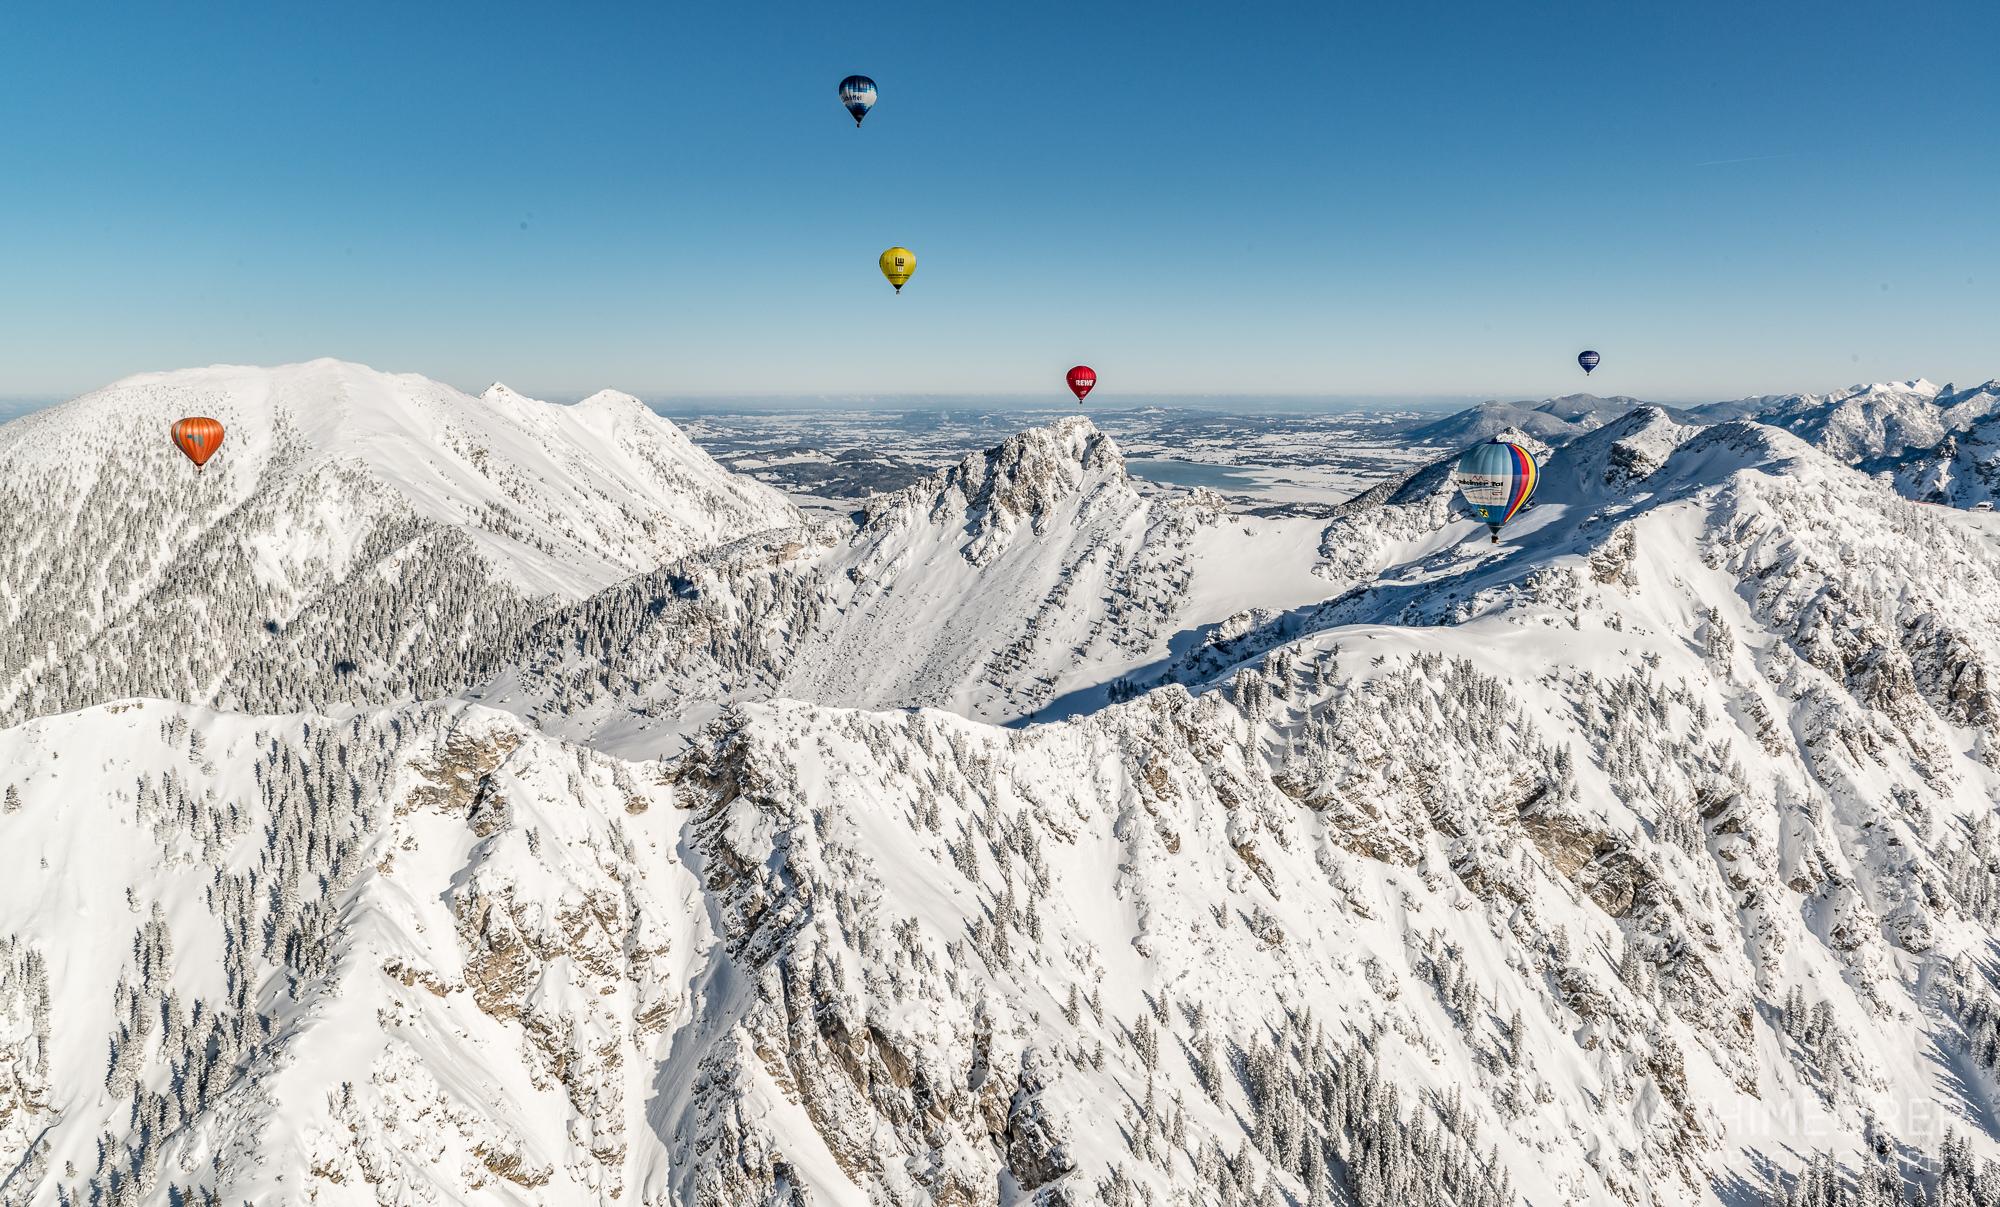 Die-schoensten-Winterfotos-Winterlandschaft-6 by Achim Meurer.